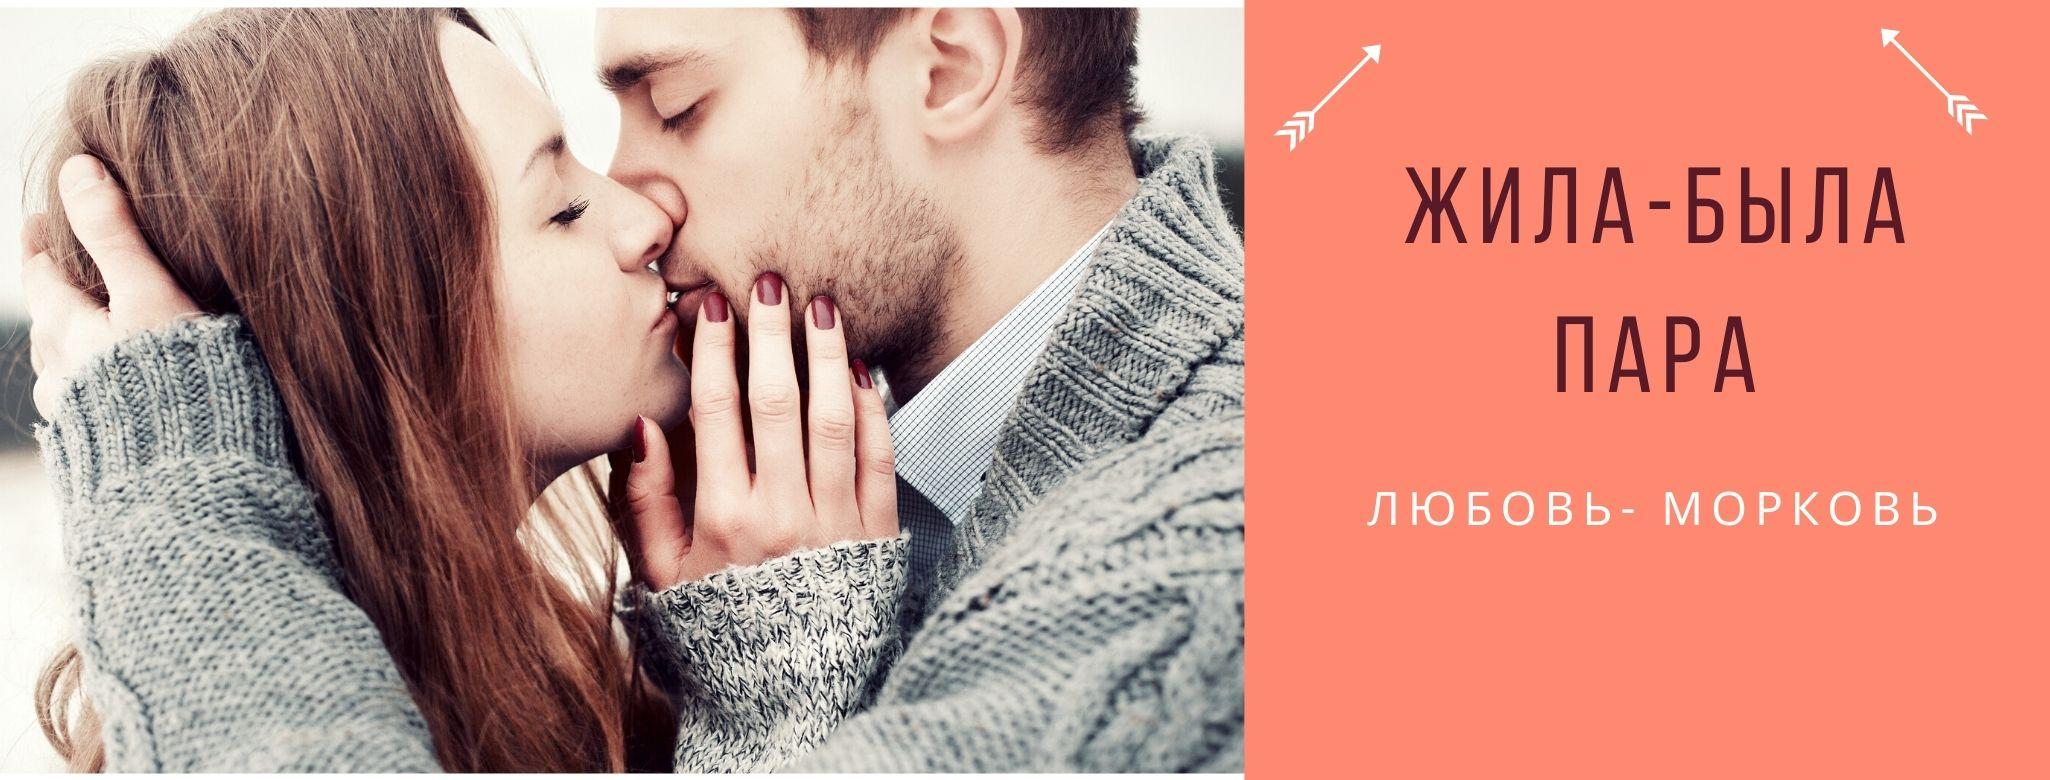 История про интимную близость